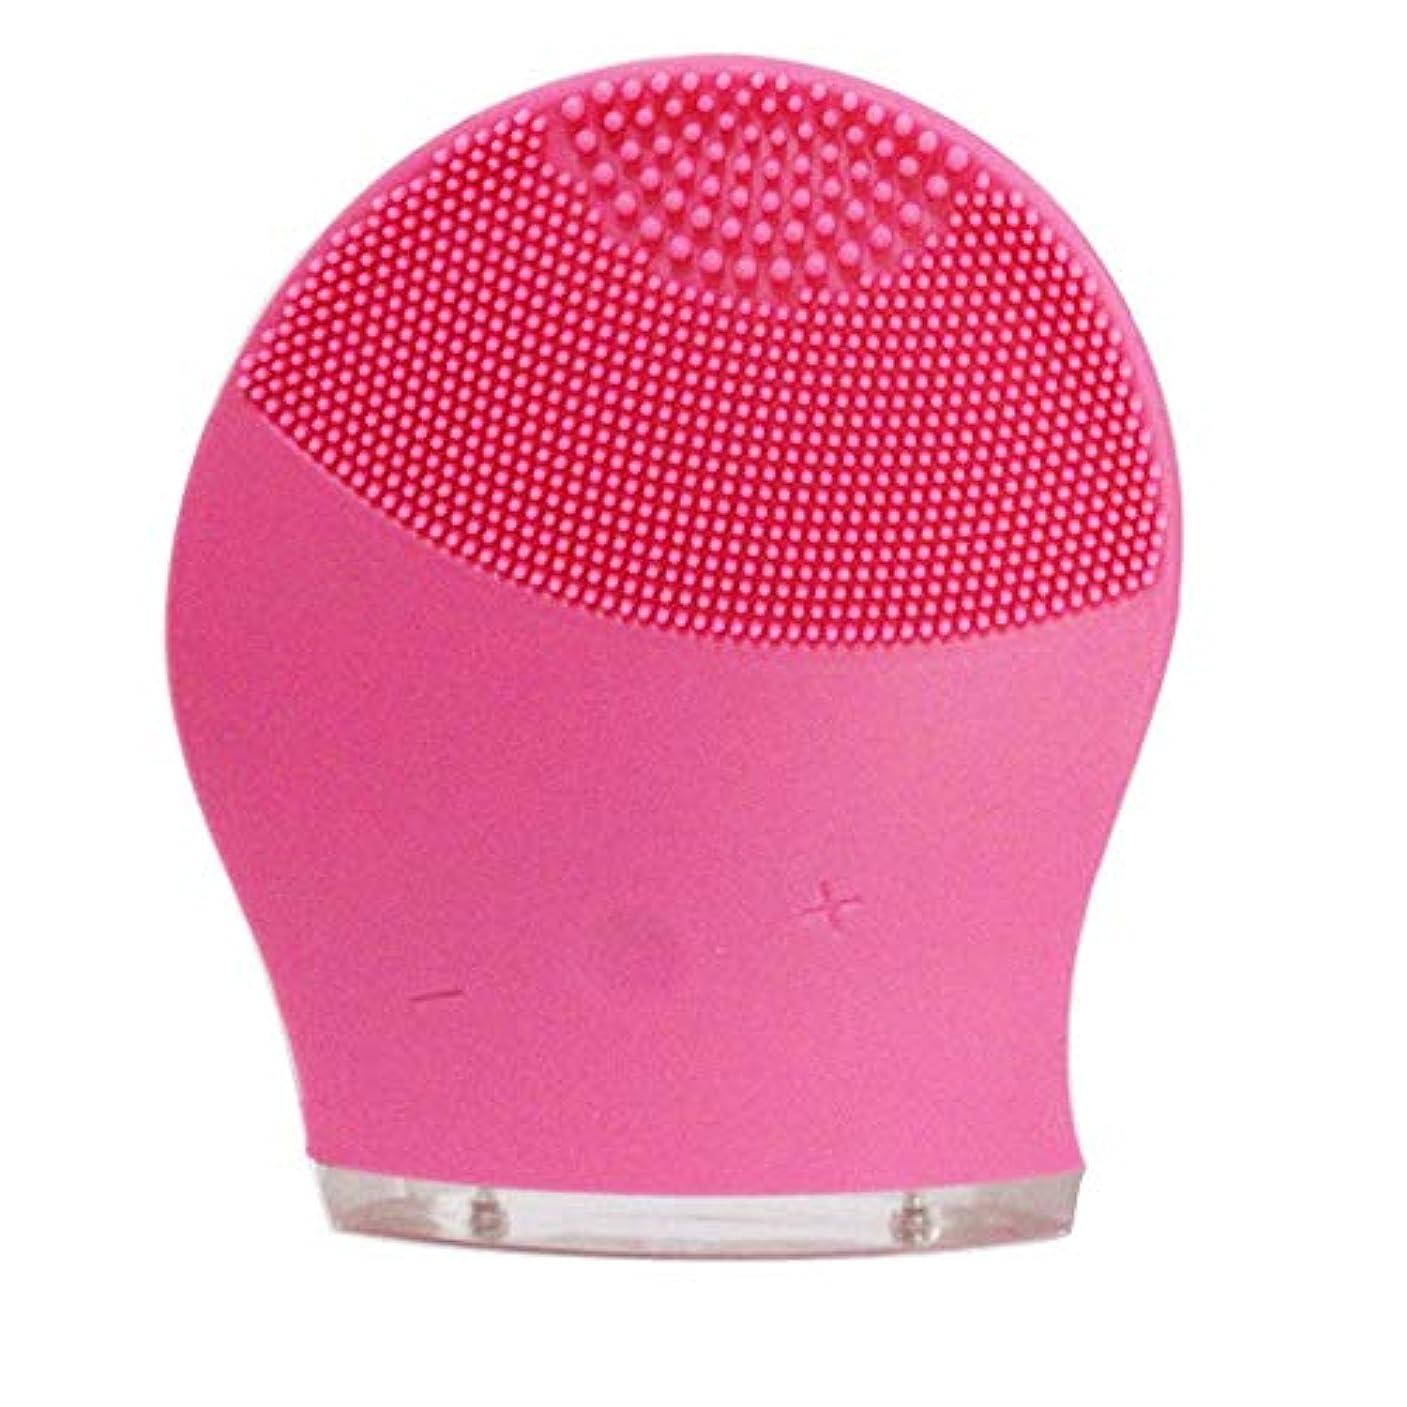 たるみまで驚いたことにZXF 新電気洗浄器シリコーン洗浄器超音波振動洗浄ブラシUSB充電毛穴洗浄 滑らかである (色 : Red)